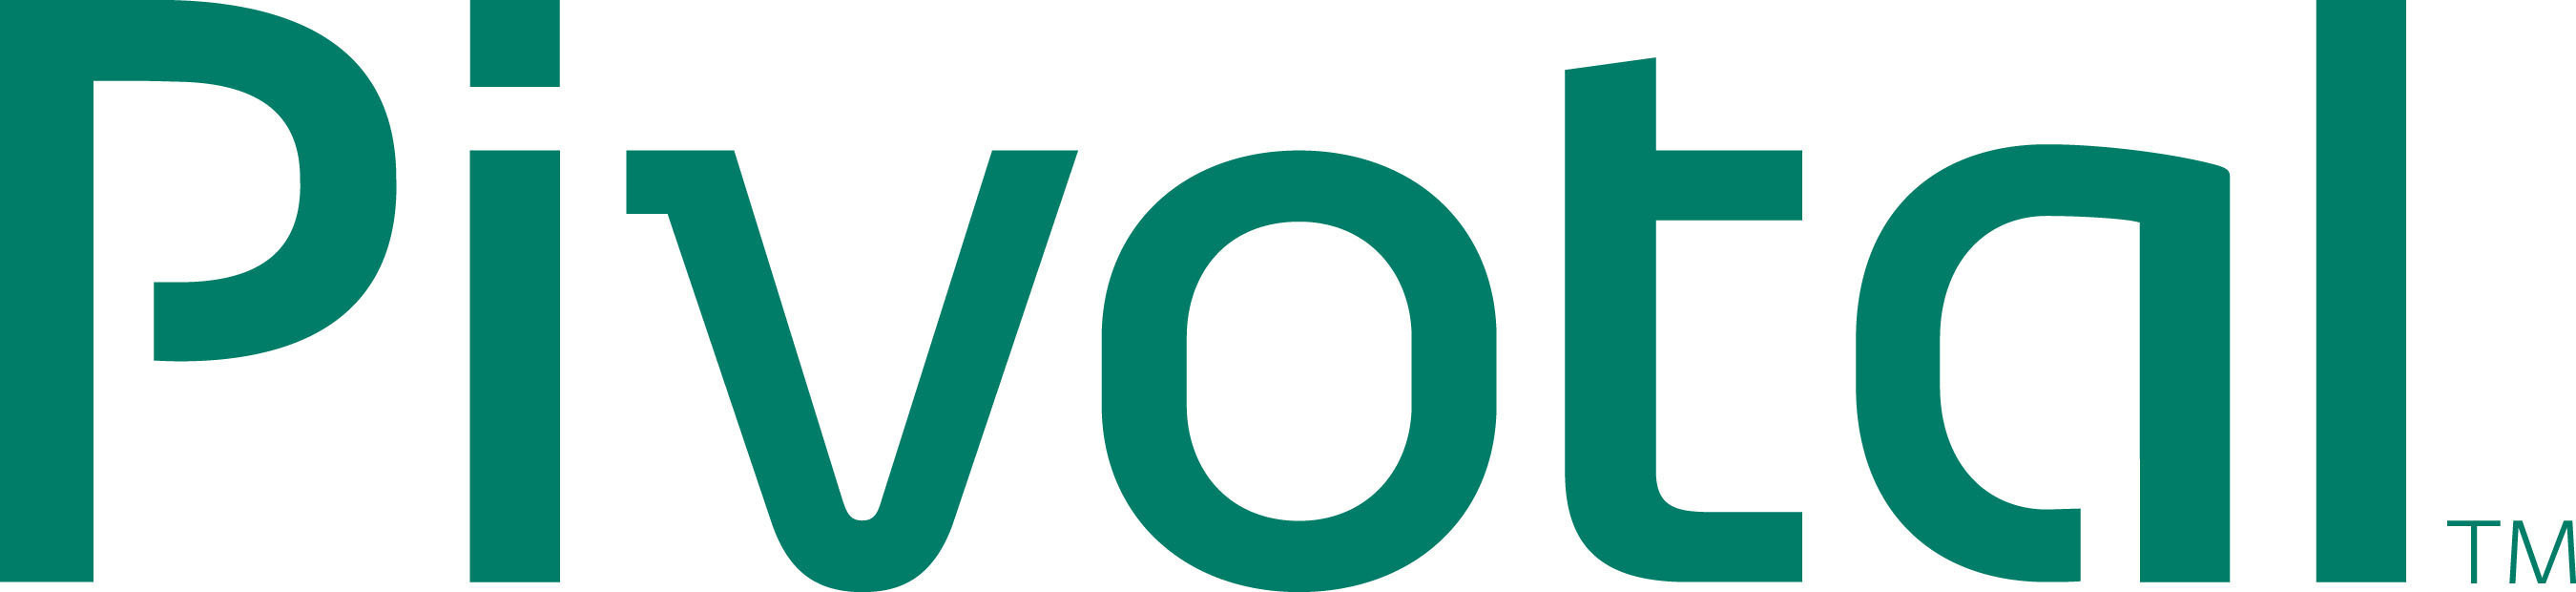 Pivotal anuncia mudanças na liderança executiva e resultados recordes